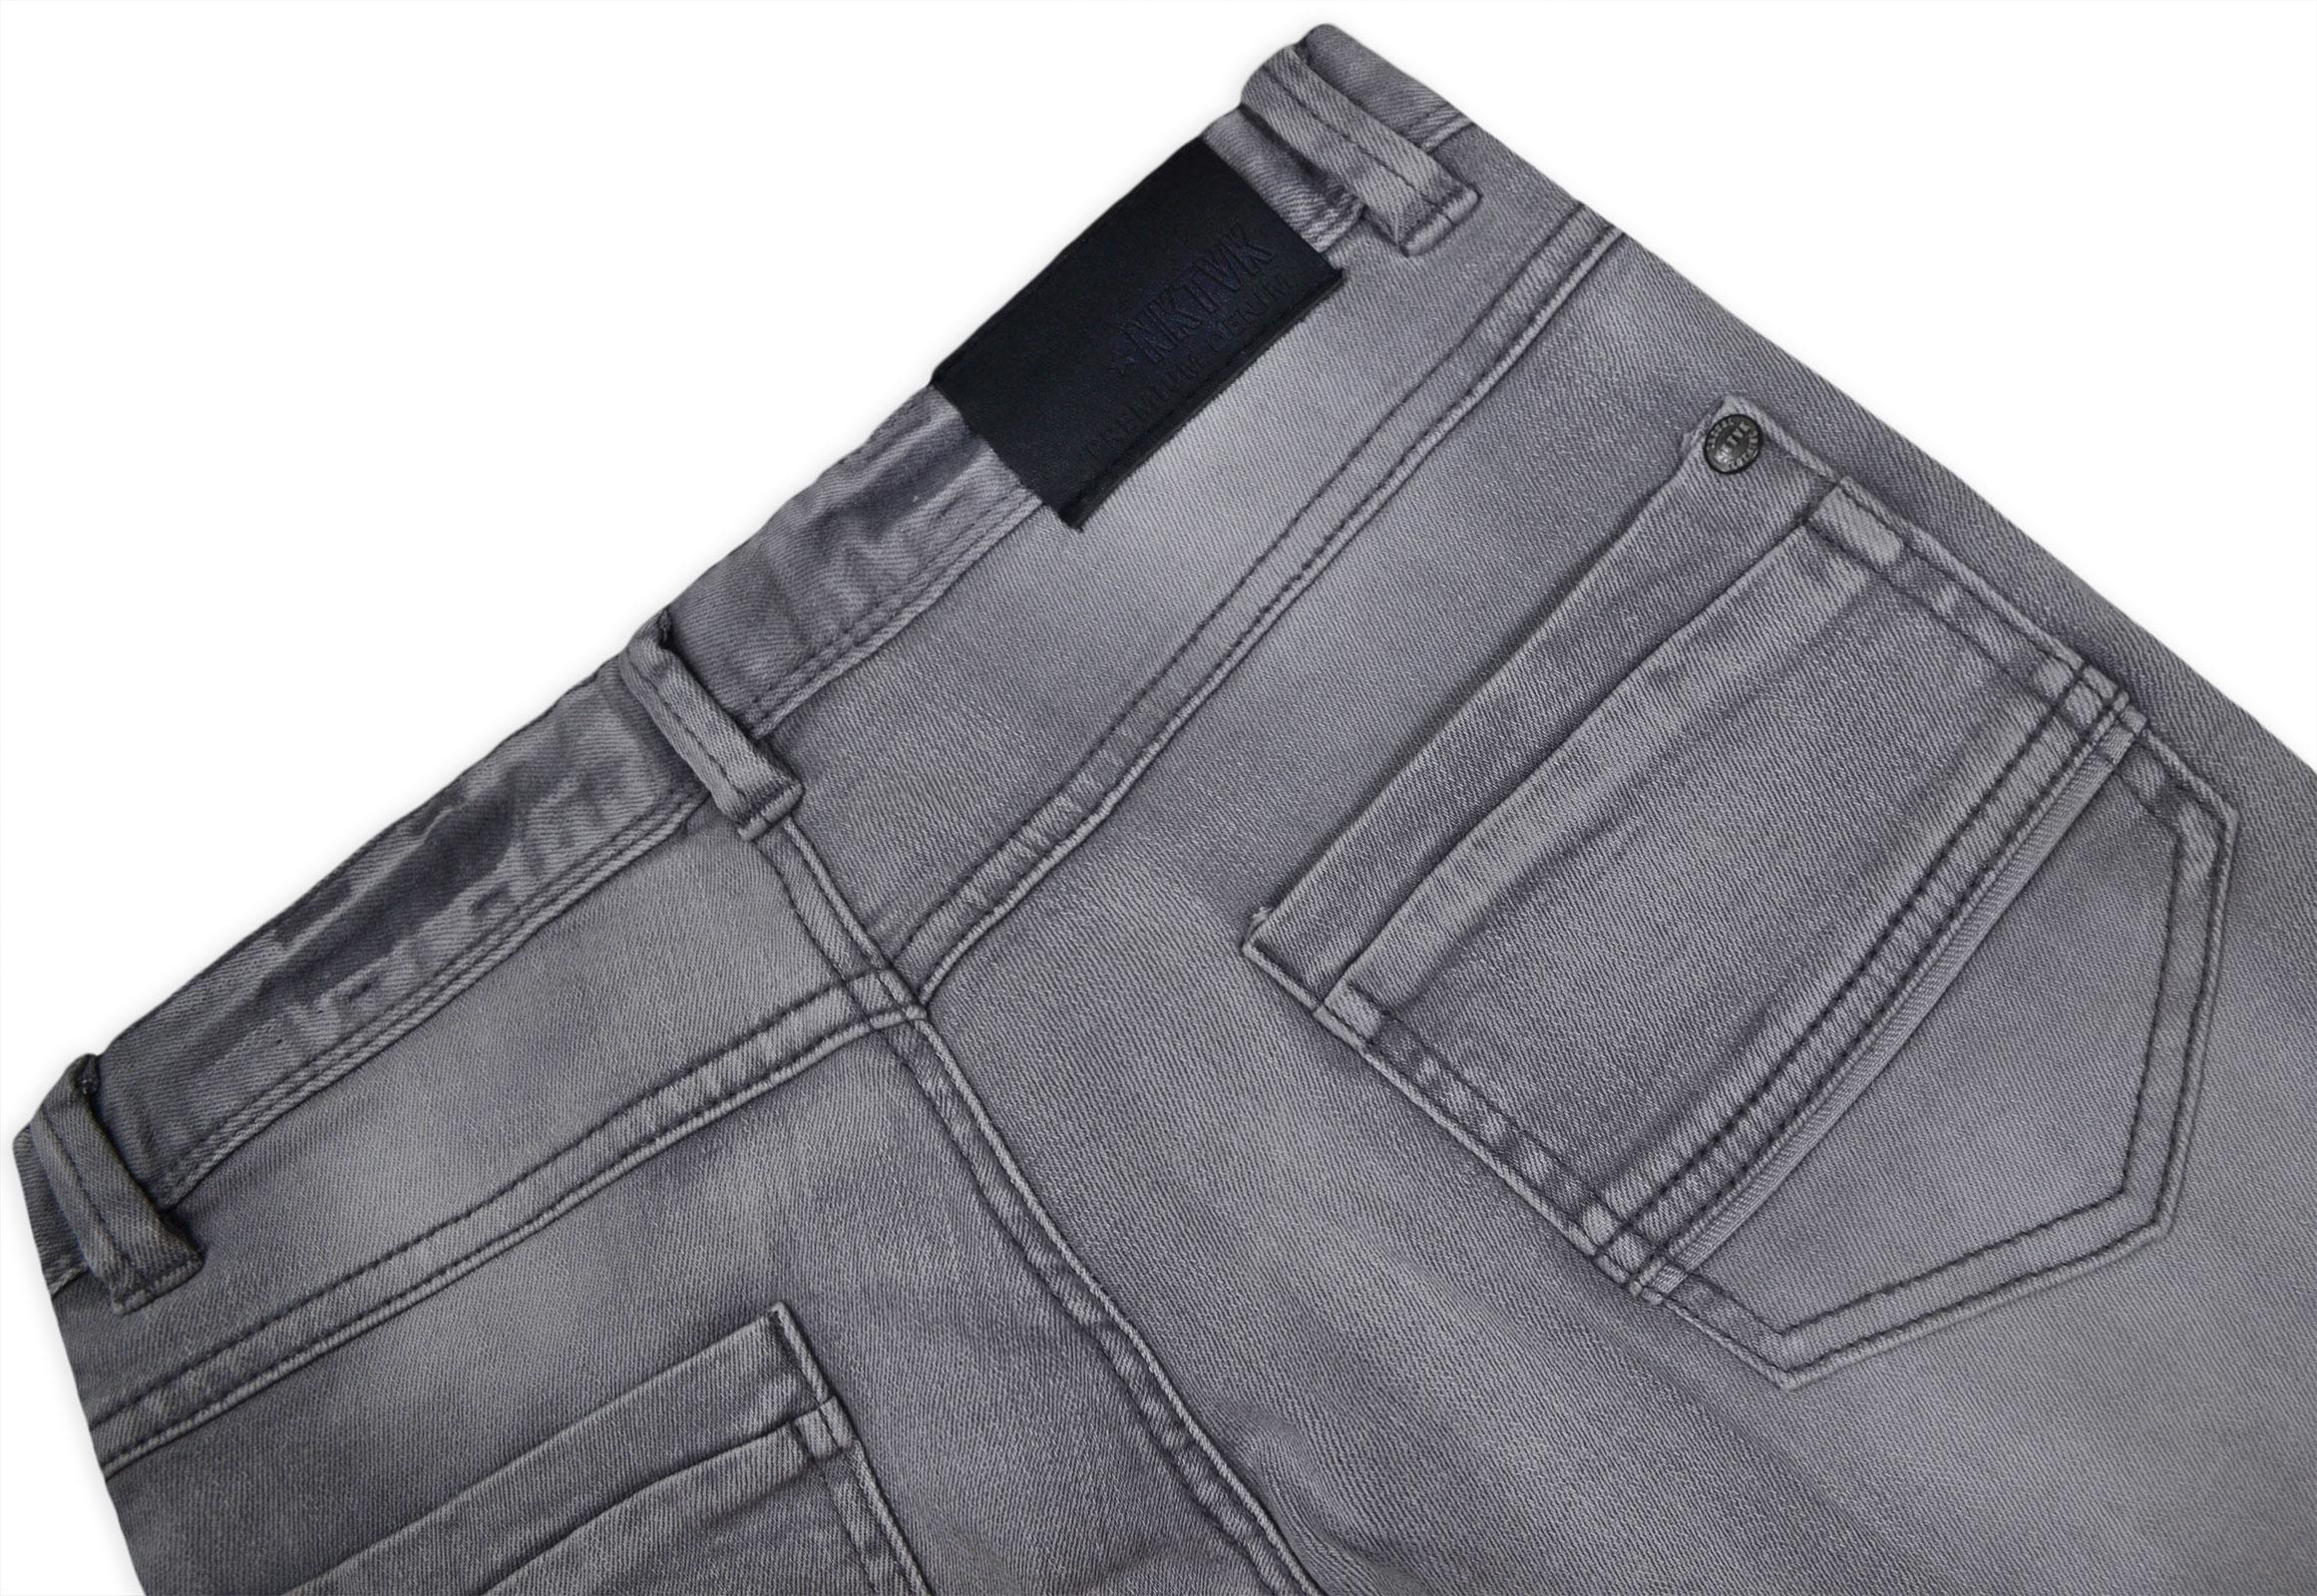 Garcons-Neuf-Gris-Short-d-039-ete-Enfant-Denim-Jeans-Longueur-Genou-Demi-Pantalon-Age-8-16-Ans miniature 4